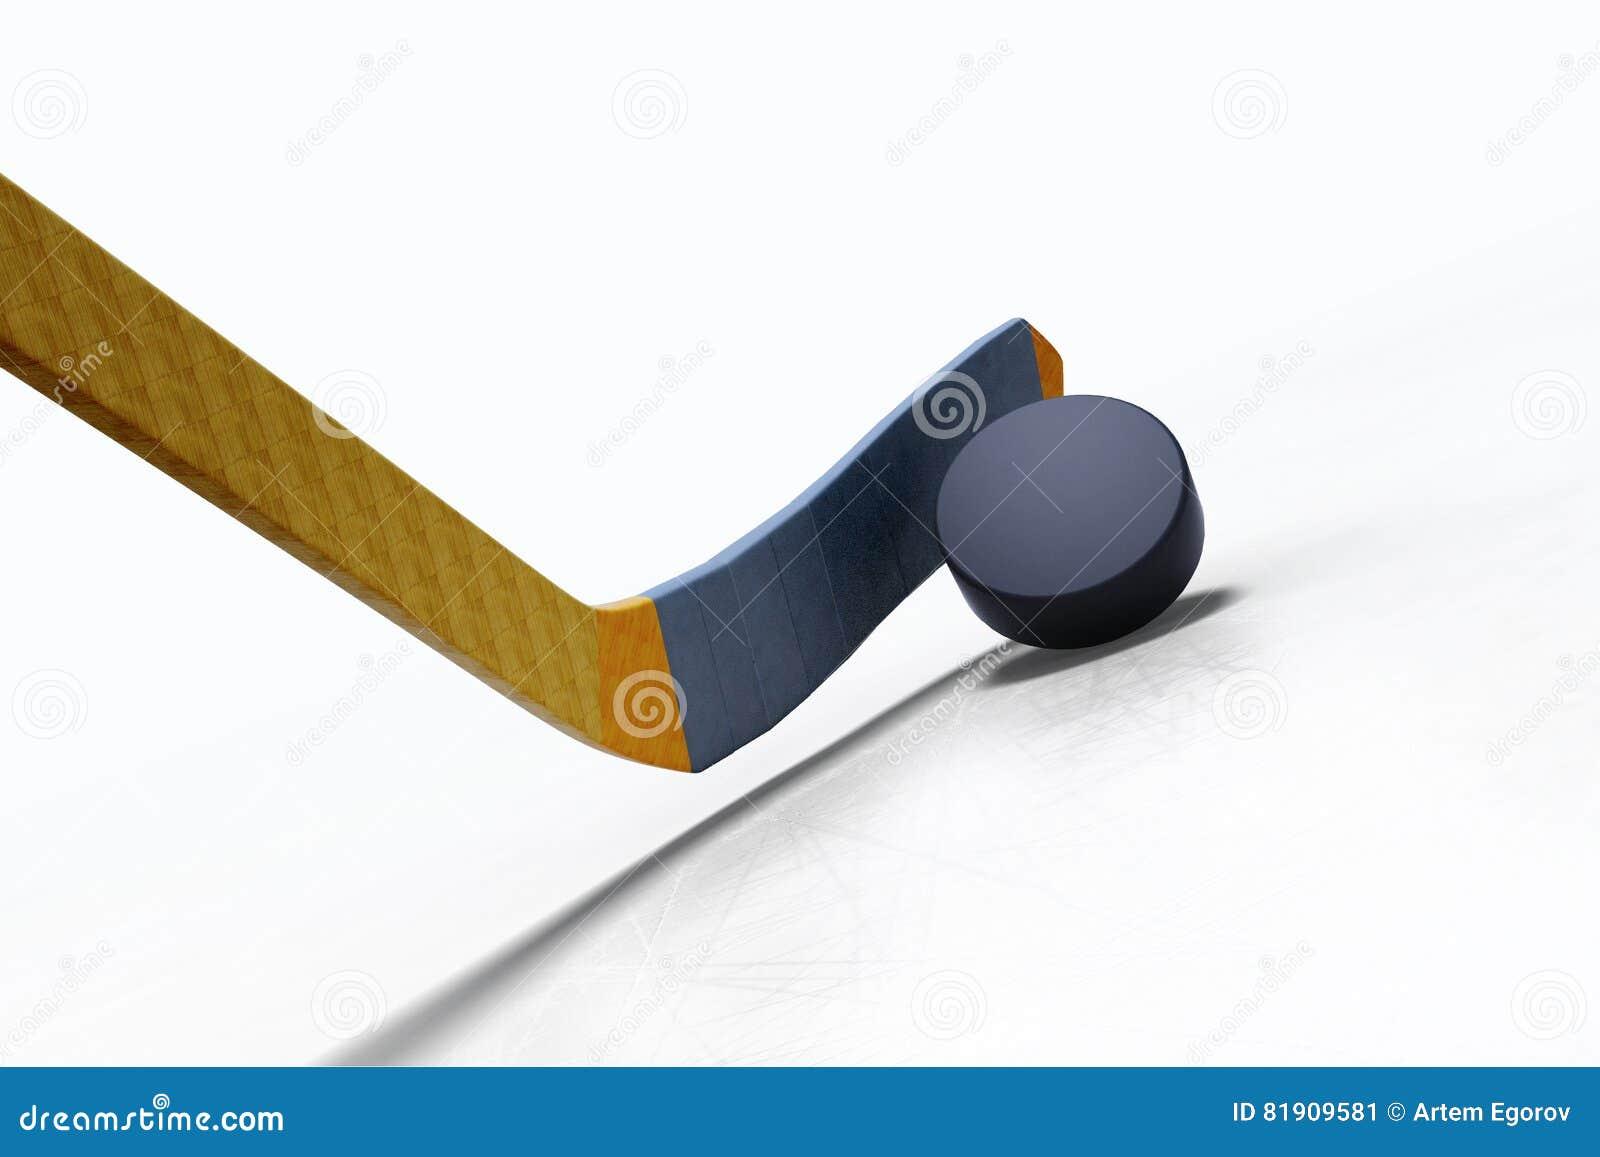 иллюстрация 3d хоккейной клюшки и плавая шайбы на льде